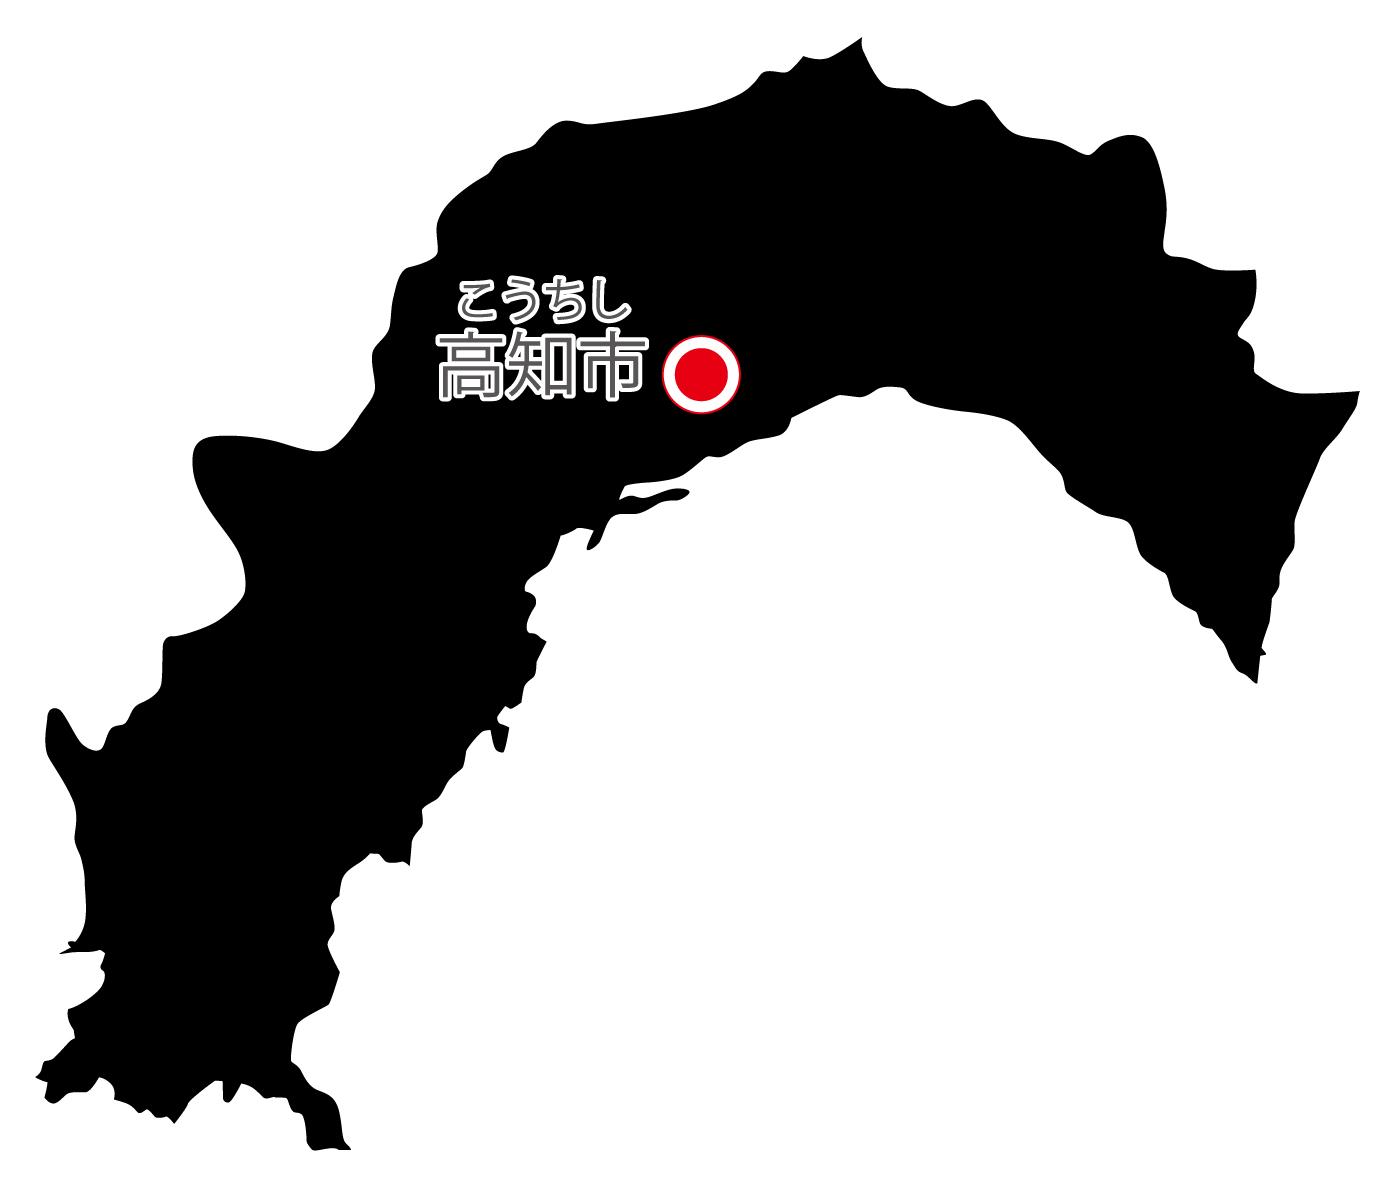 高知県無料フリーイラスト|日本語・県庁所在地あり・ルビあり(黒)